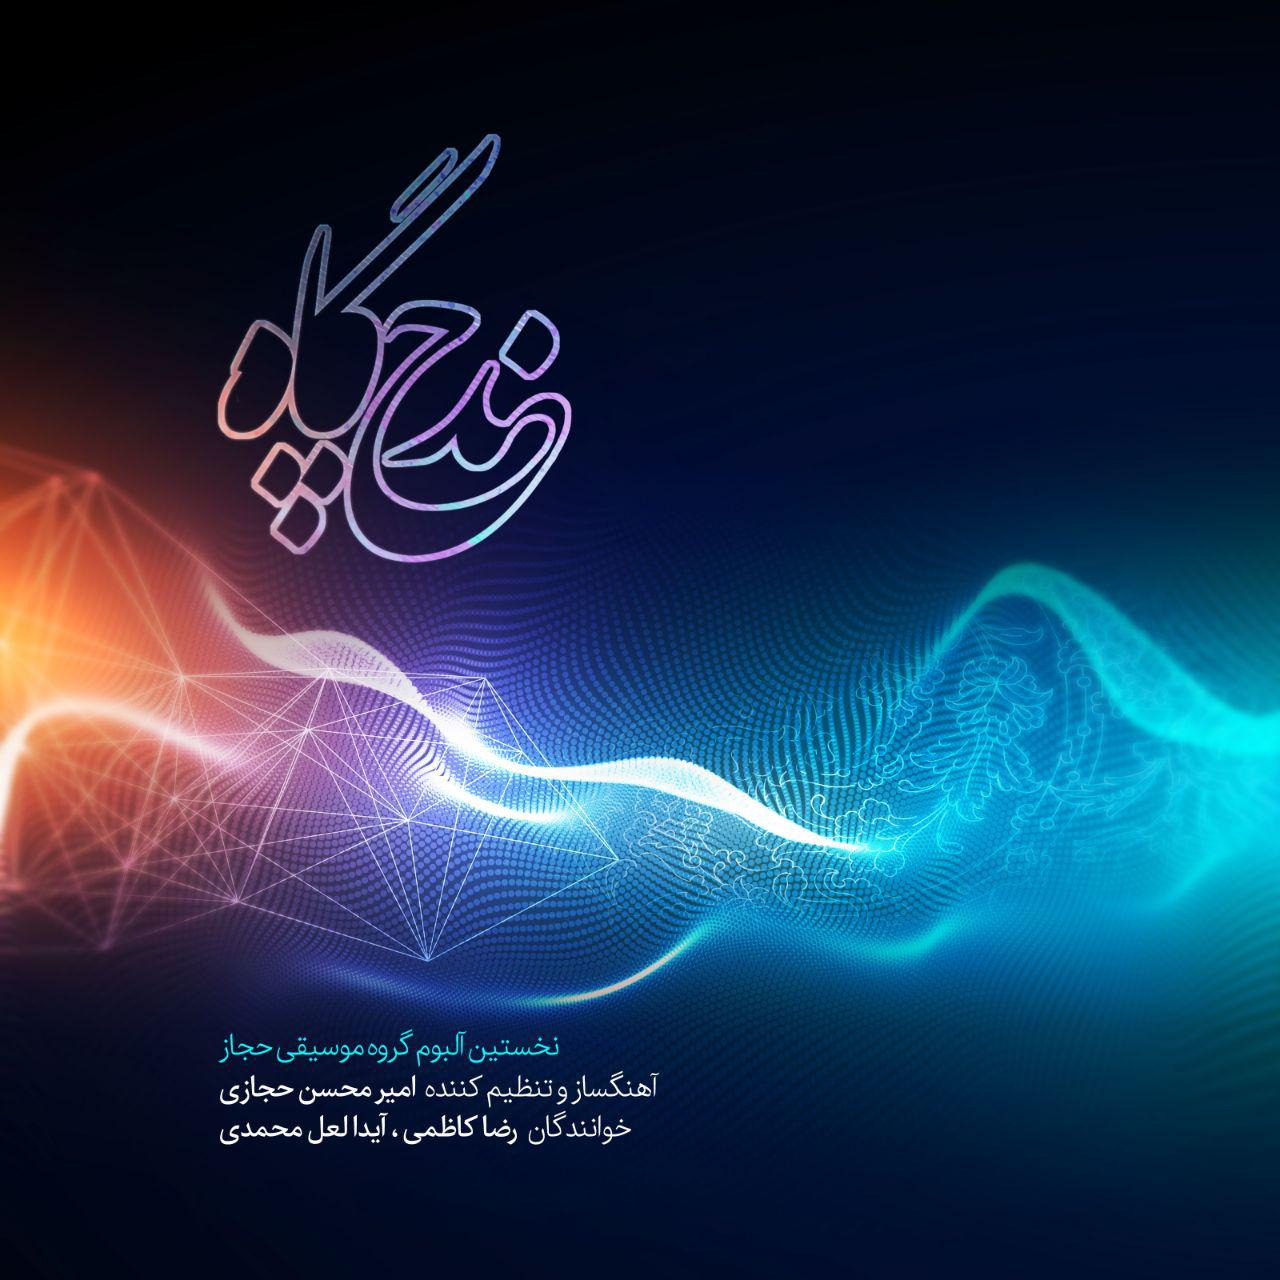 دانلود آهنگ چند گاه گروه حجاز